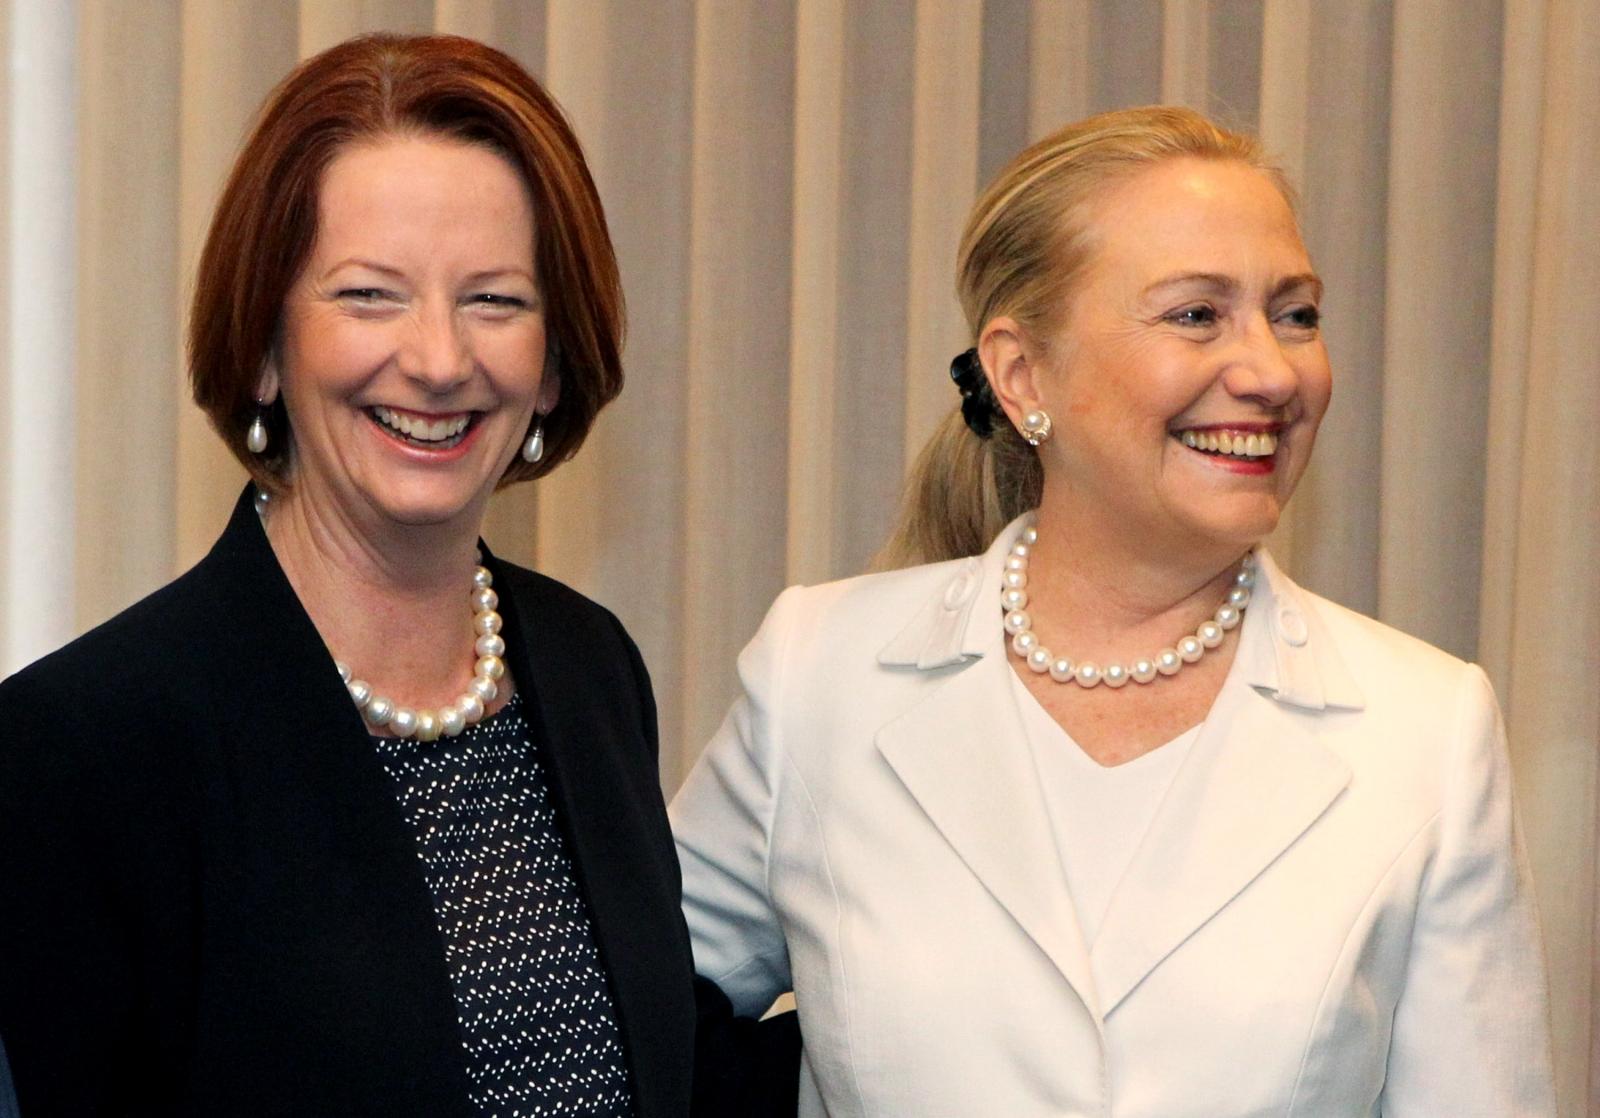 Julia & Hillary